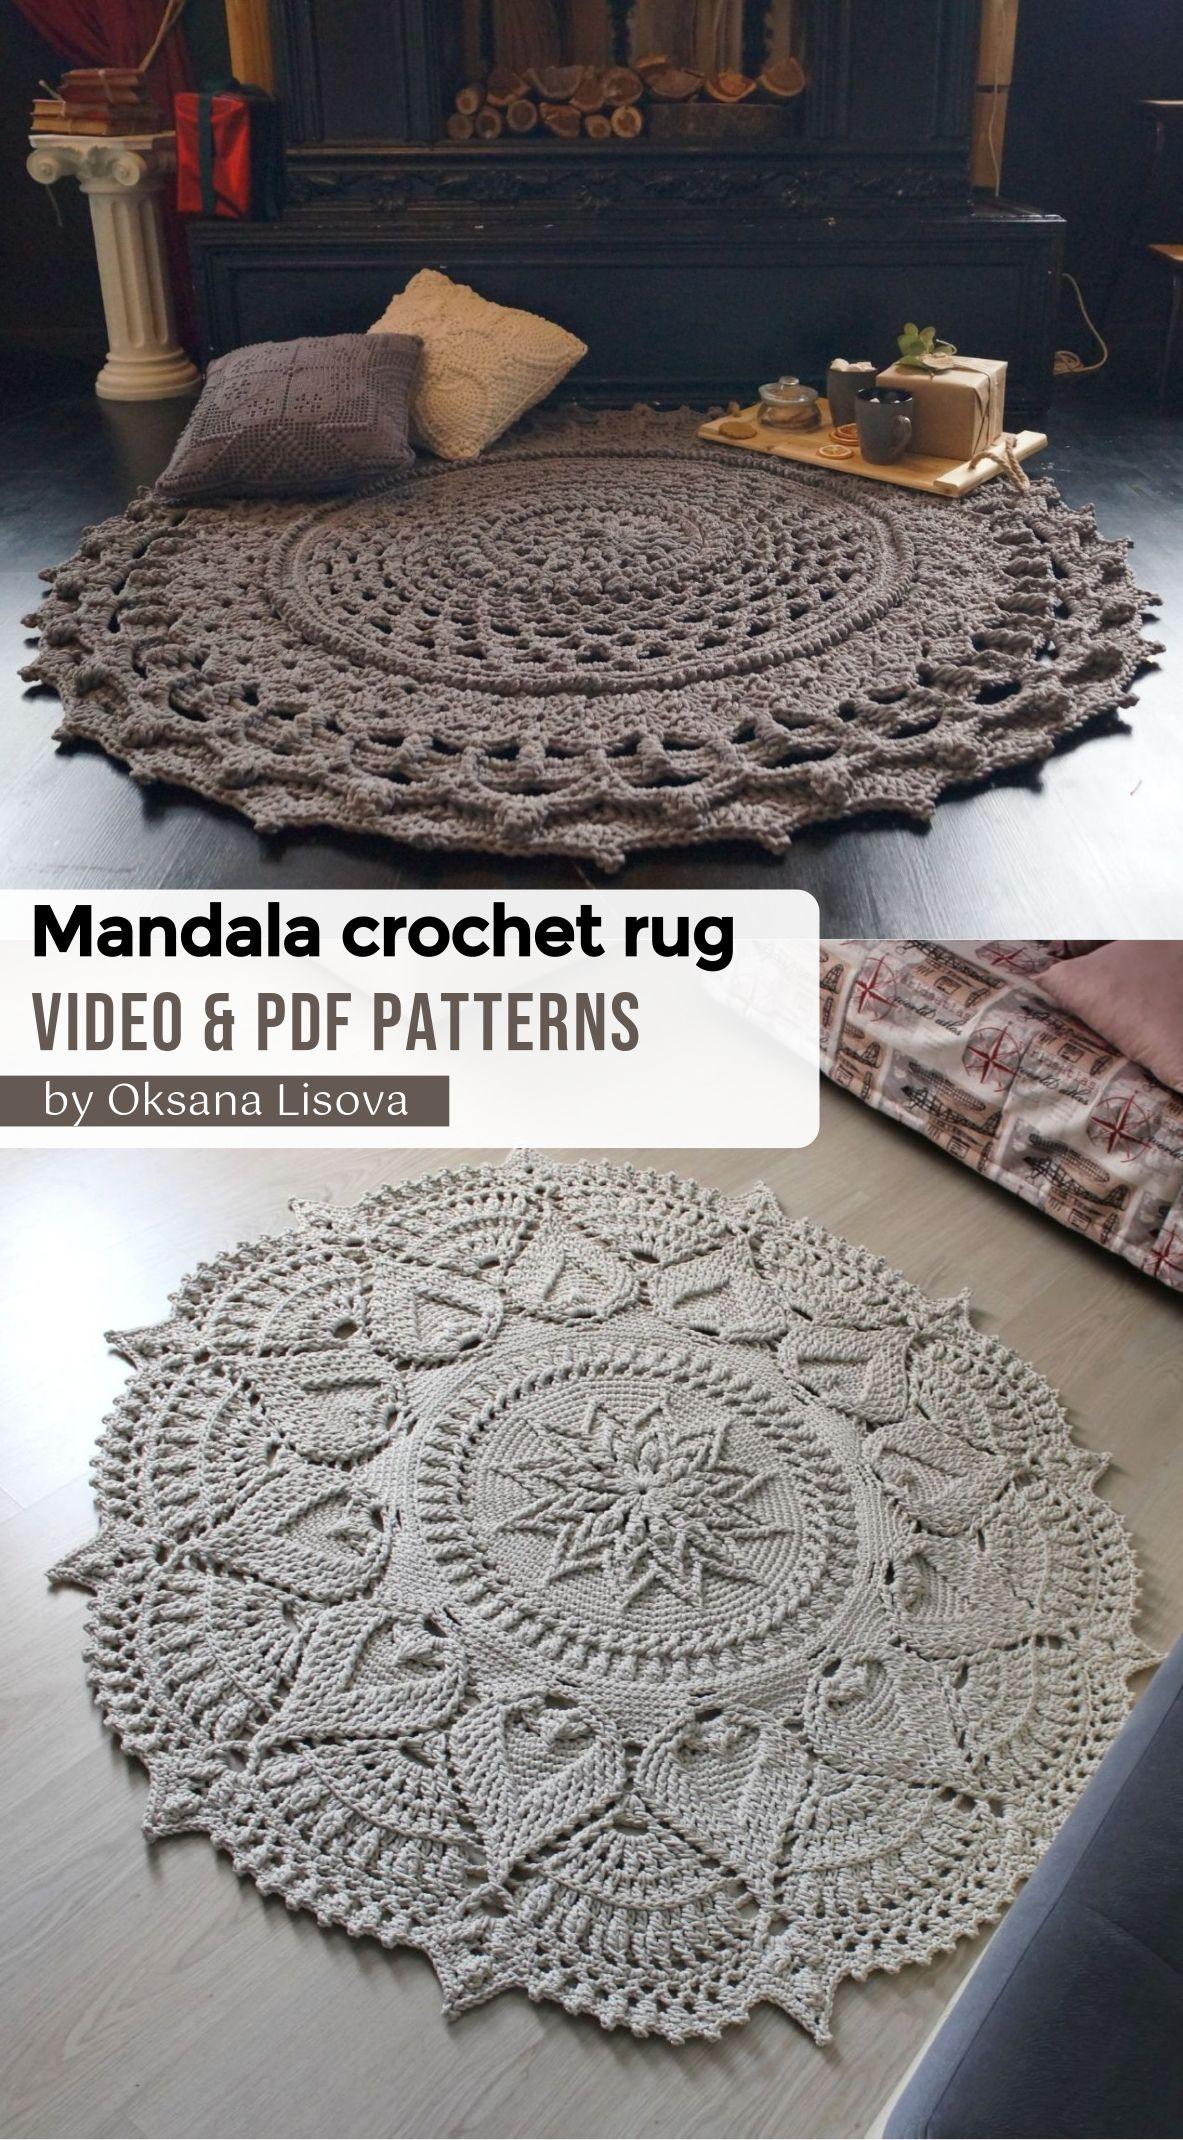 Crochet Floor Rug Video Pdf Tutorials See All Carpet Patterns In 2020 Crochet Rug Patterns Crochet Rug Patterned Carpet